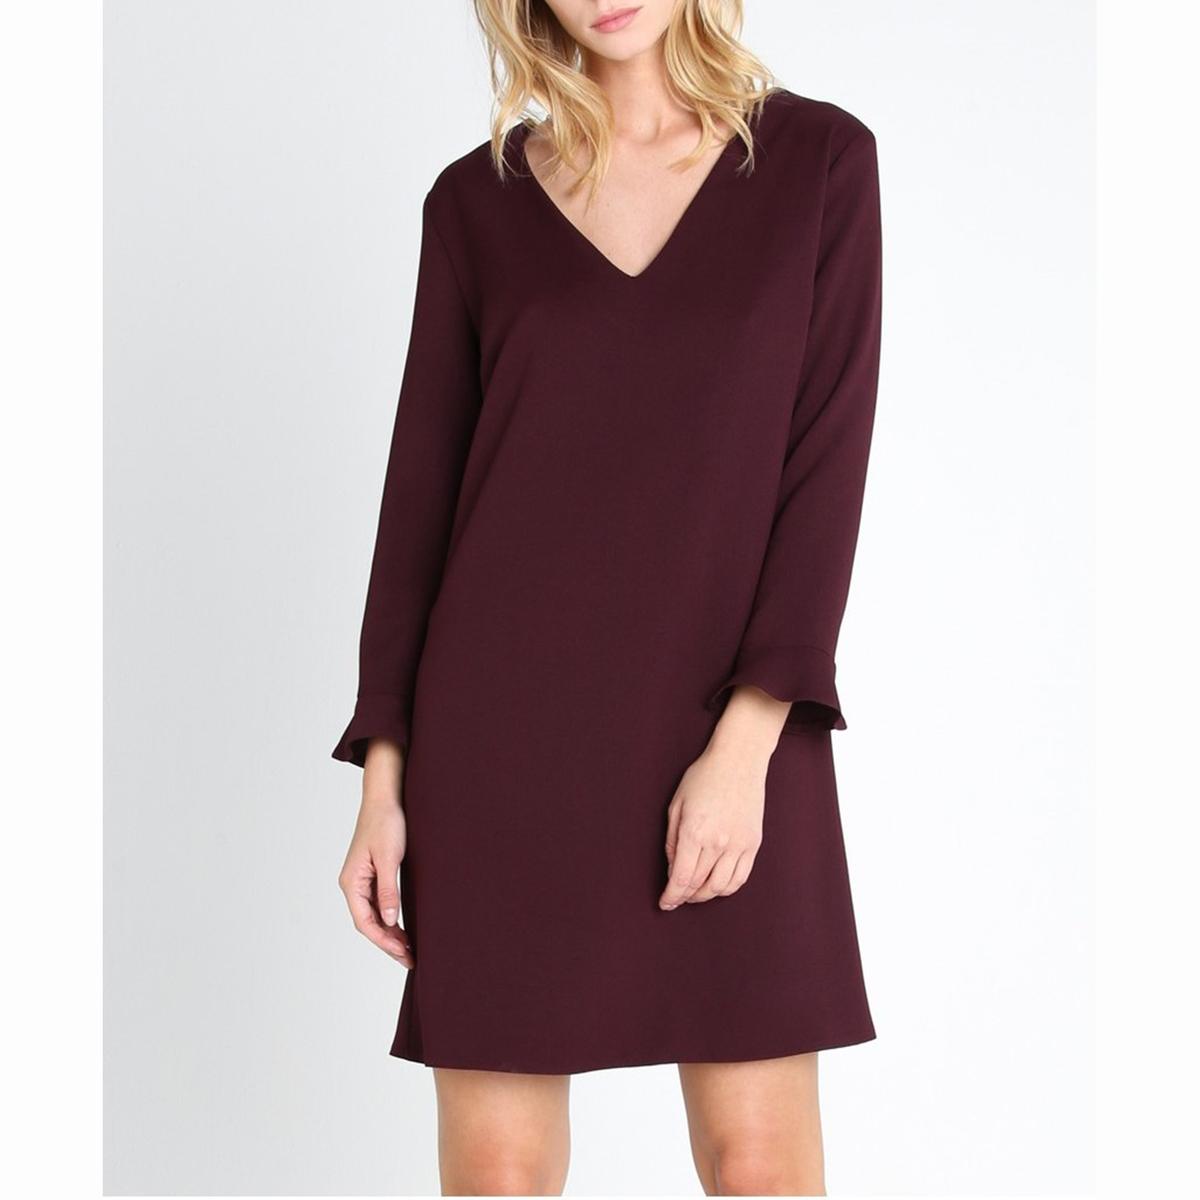 Платье короткое DAVOСостав и описание :Материал : 100% полиэстерМарка :<br><br>Цвет: темно-фиолетовый,черный<br>Размер: 2(M)